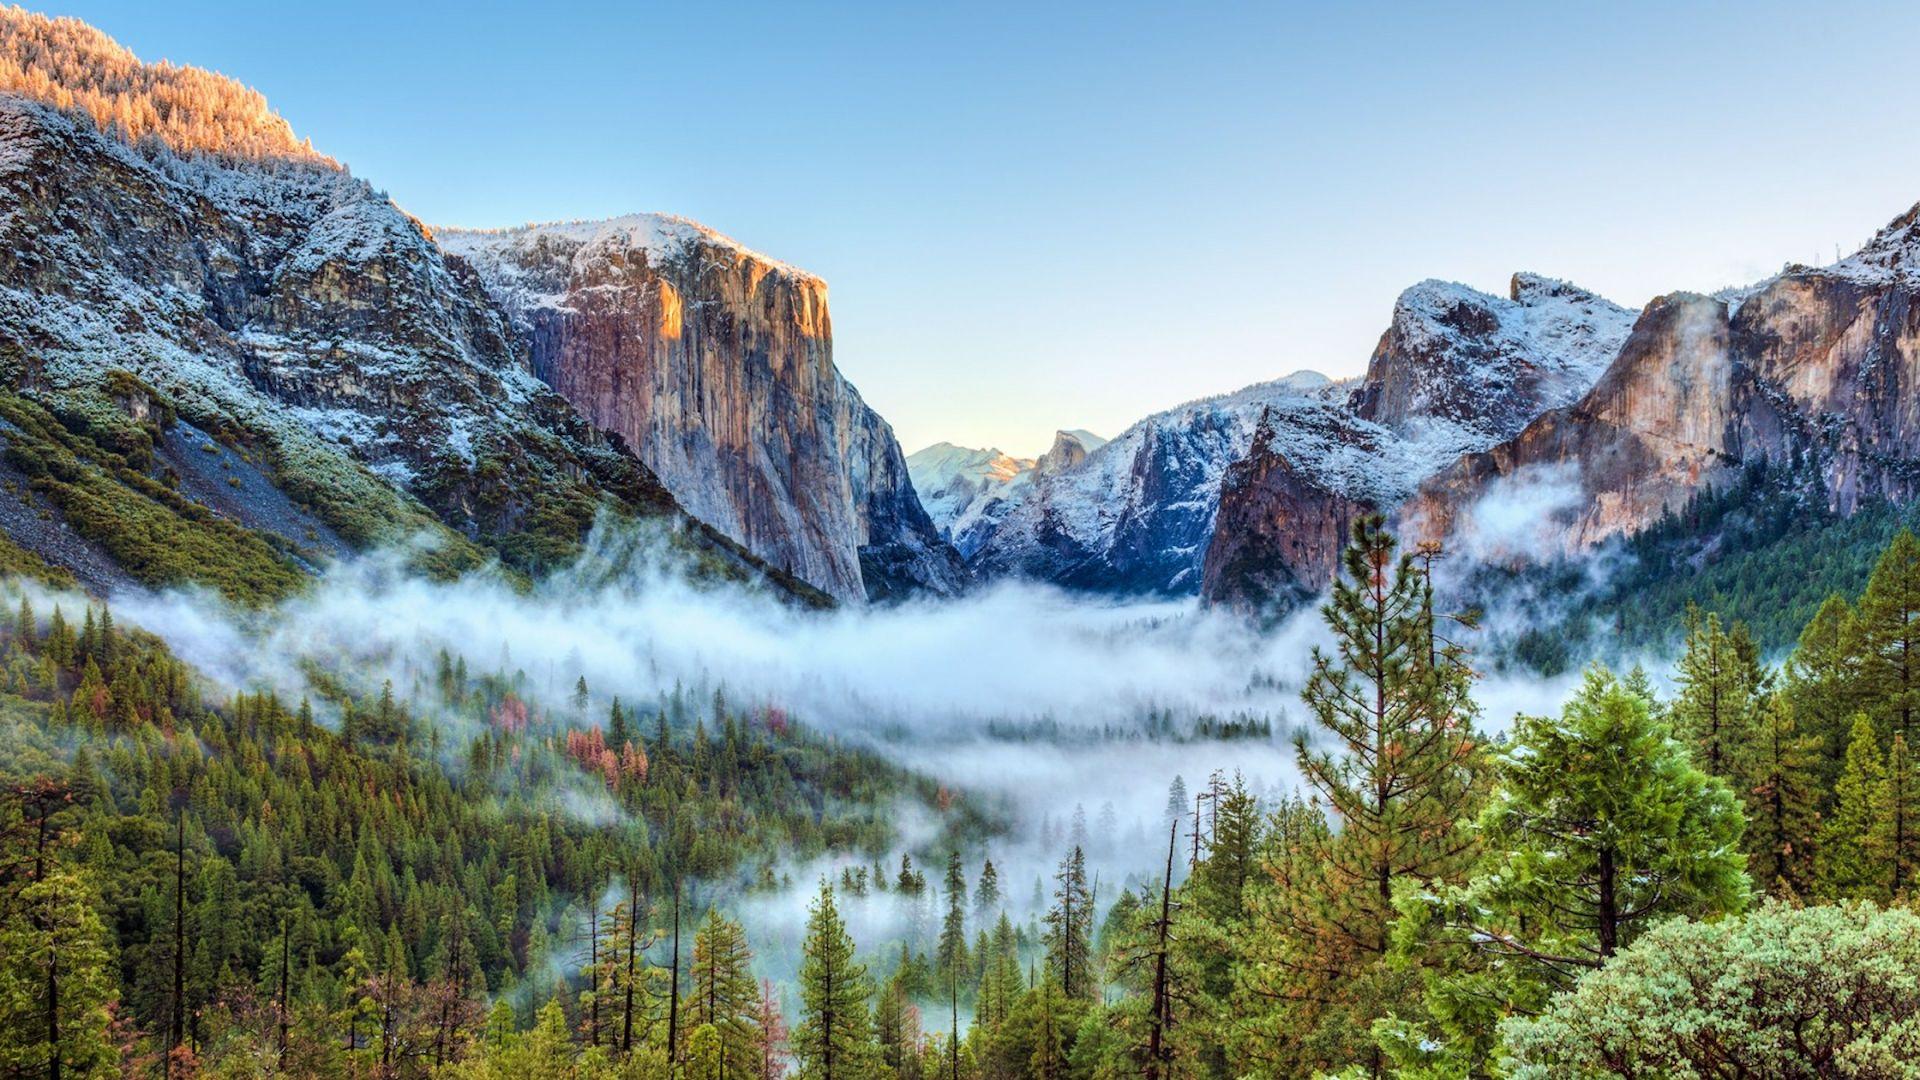 Yosemite Backgrounds 1920x1080